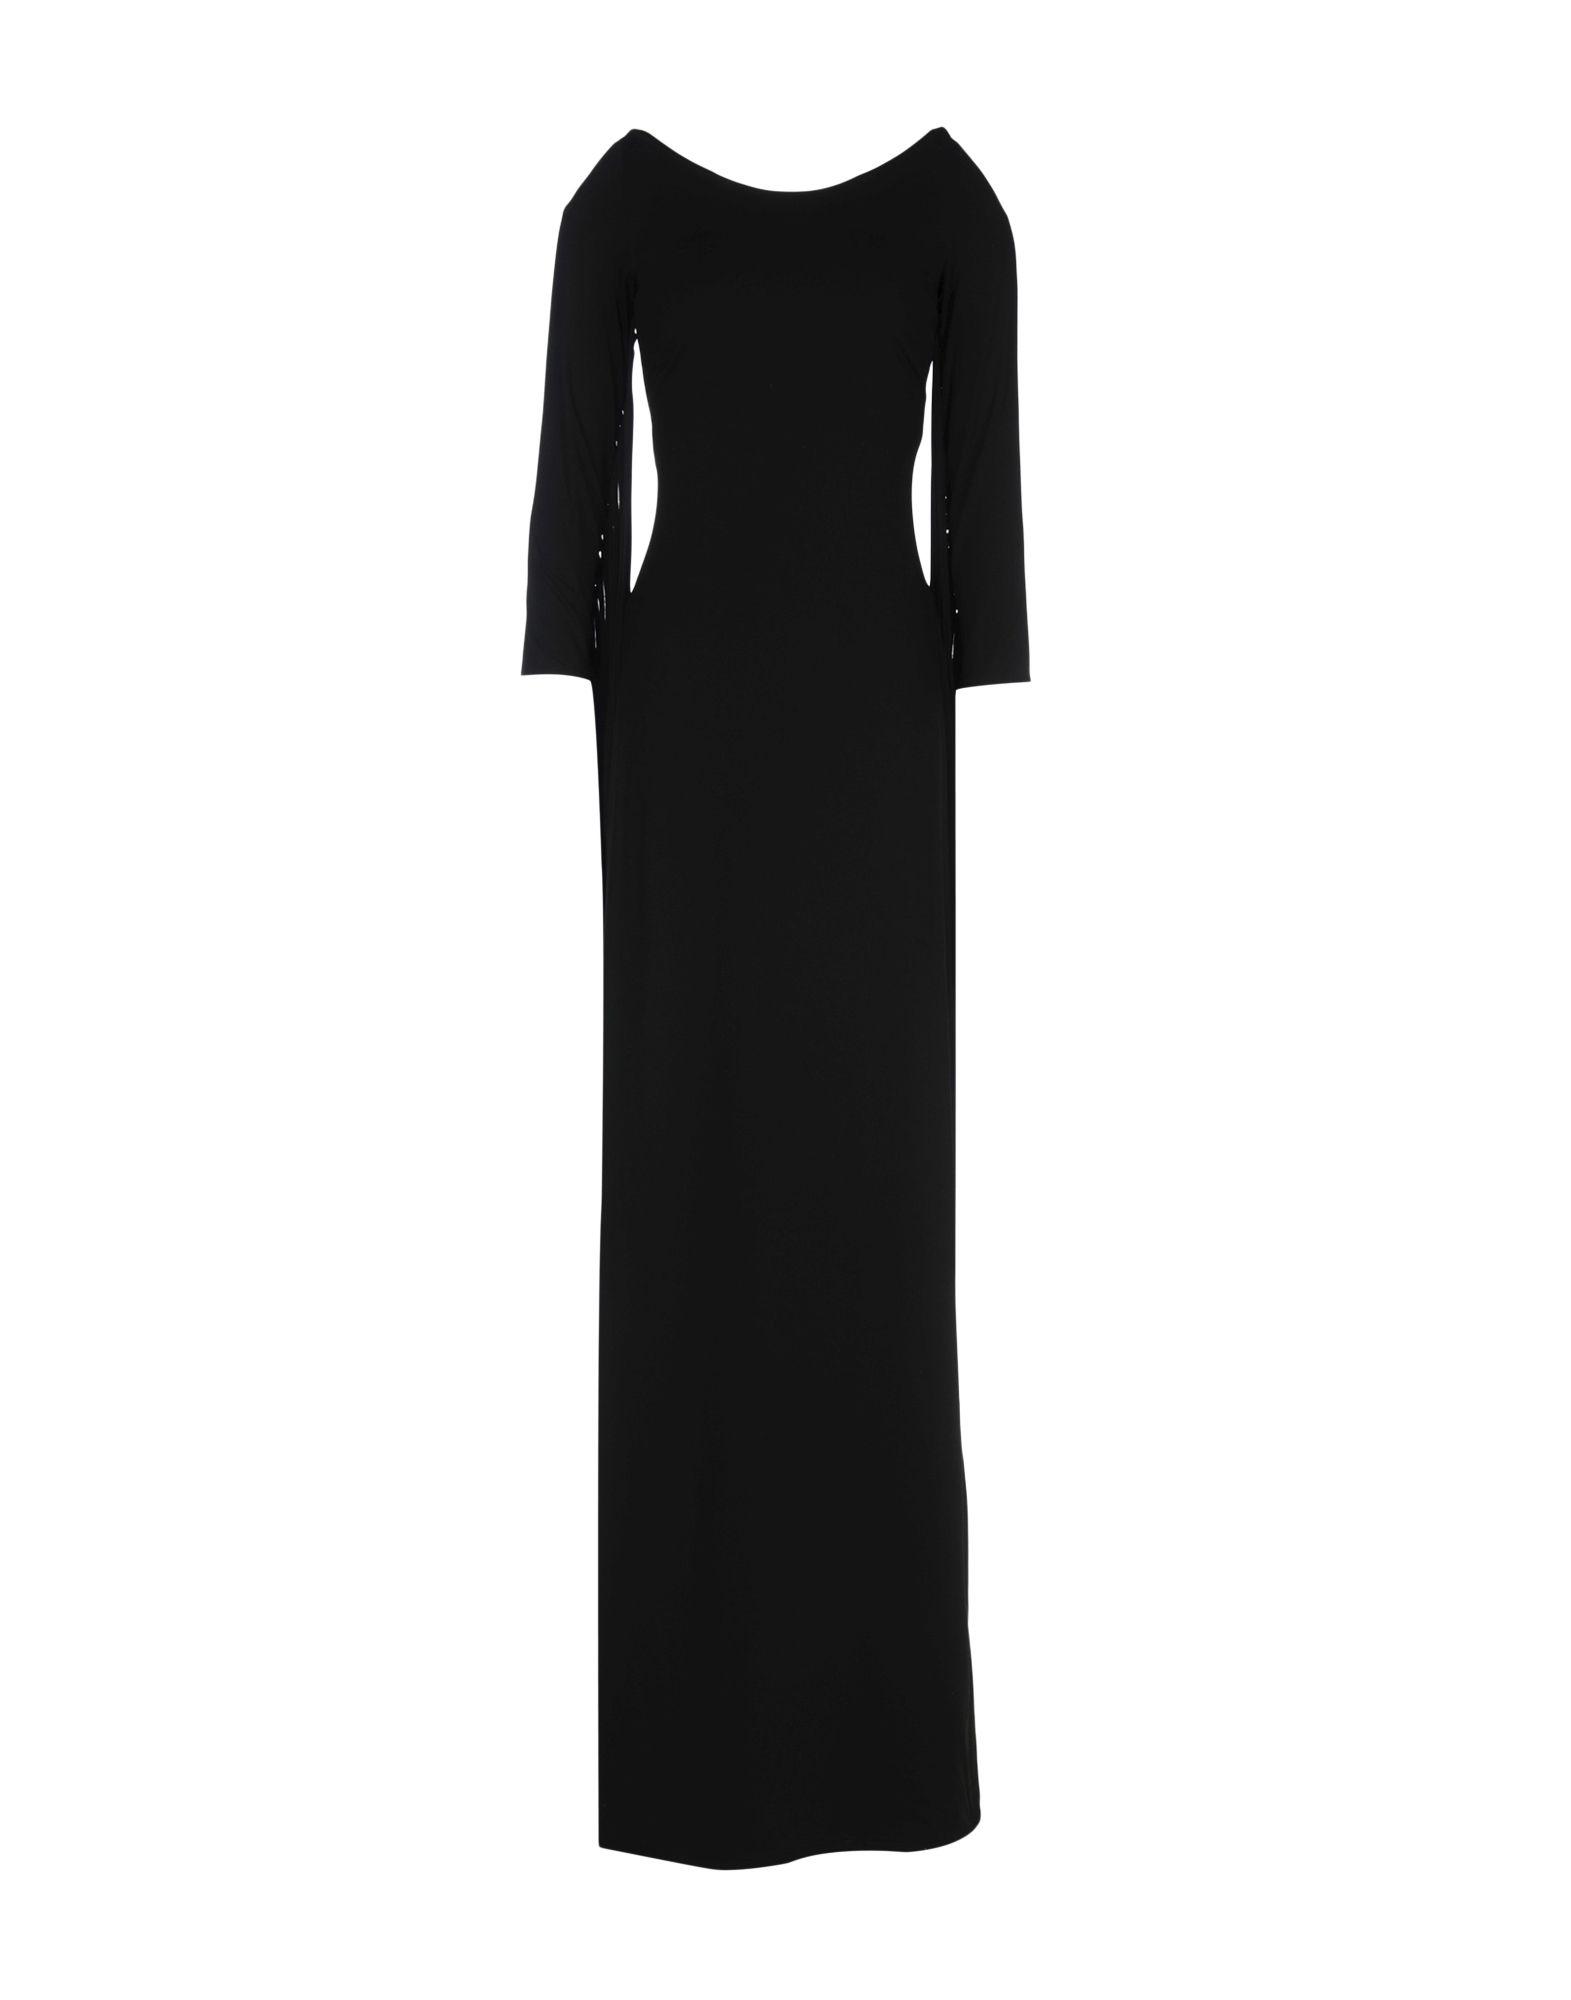 Vestito Lungo Fisico Donna - Acquista online su fUGIEJ7dy